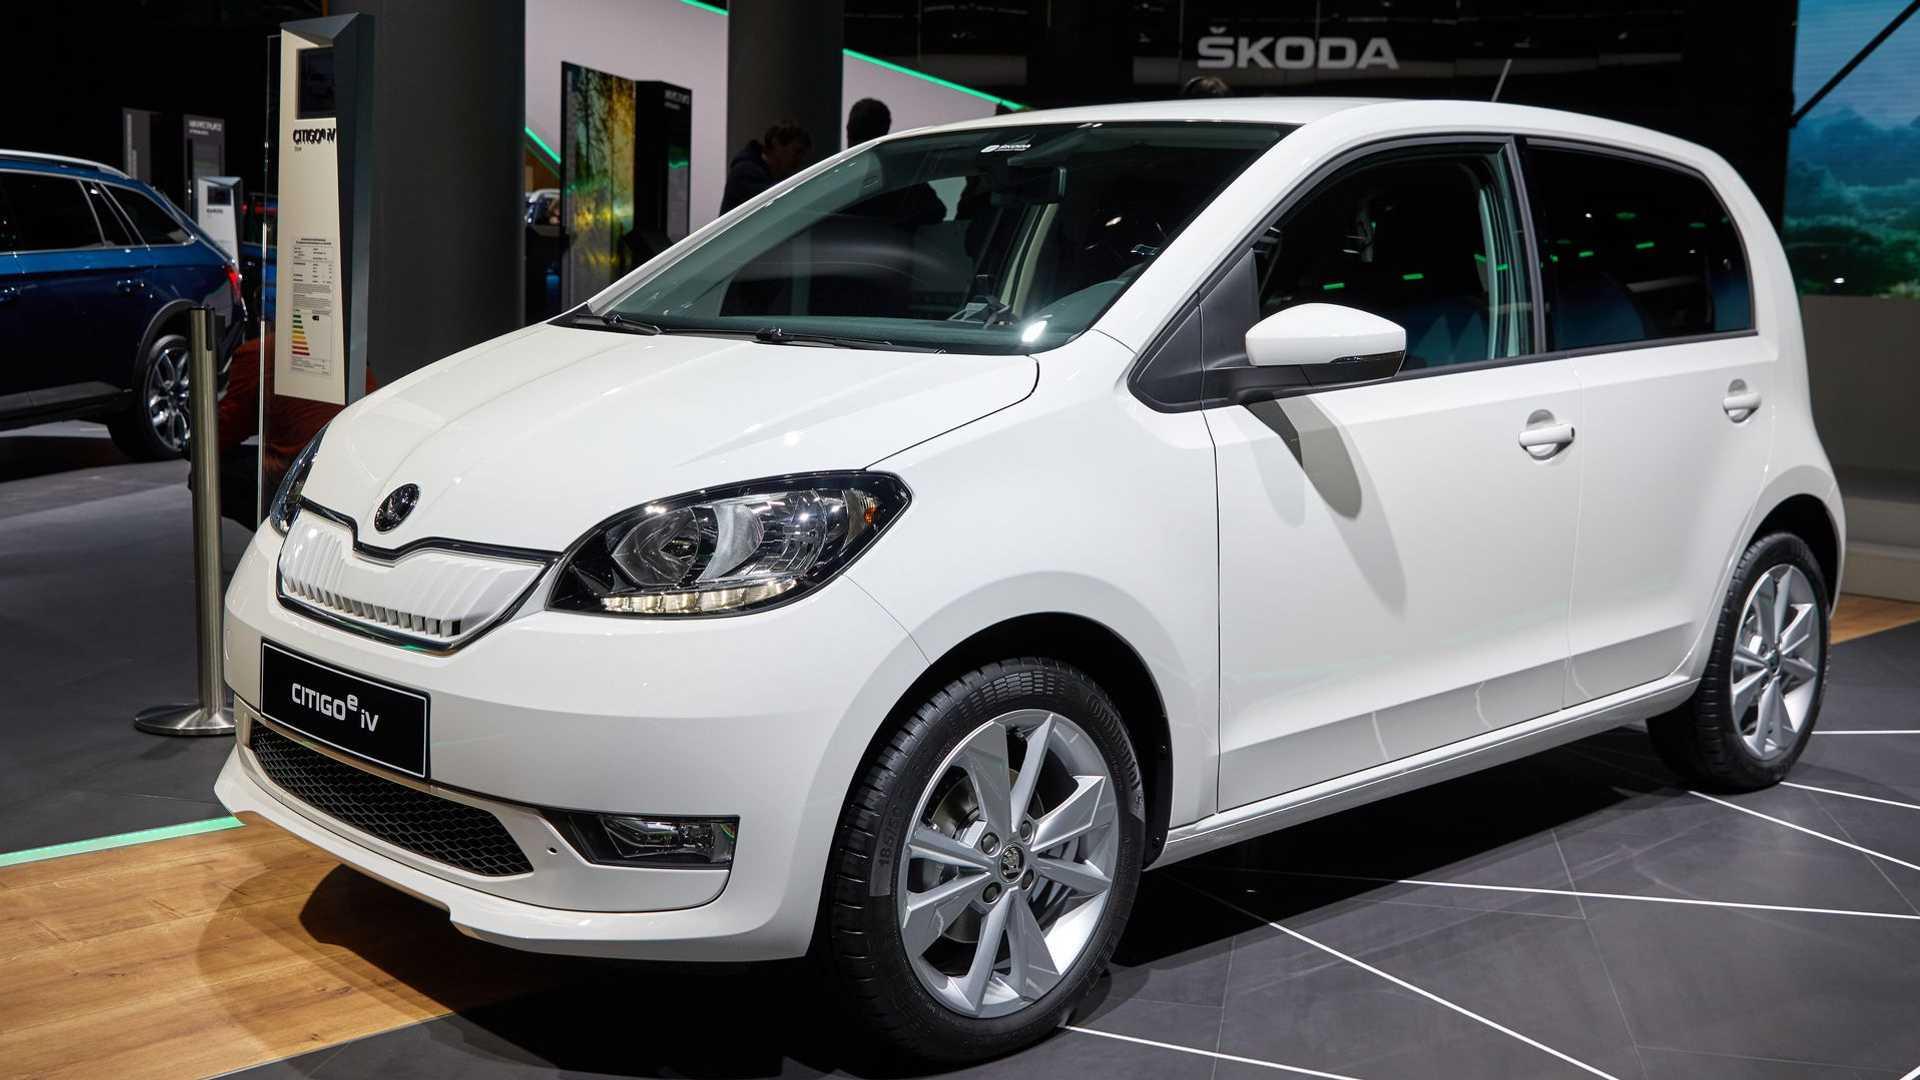 Каждый второй новый подключаемый электромобиль в Чехии - это Skoda